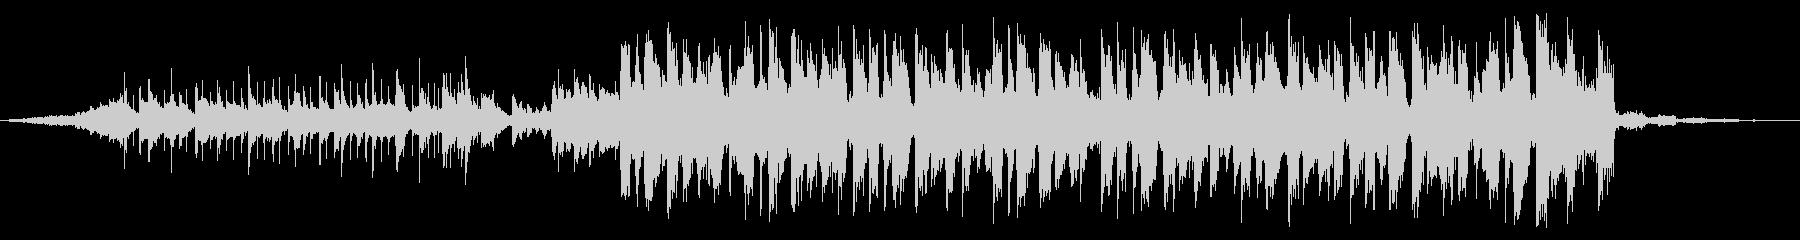 夏 海 ハウス 声ネタ無し30秒版の未再生の波形